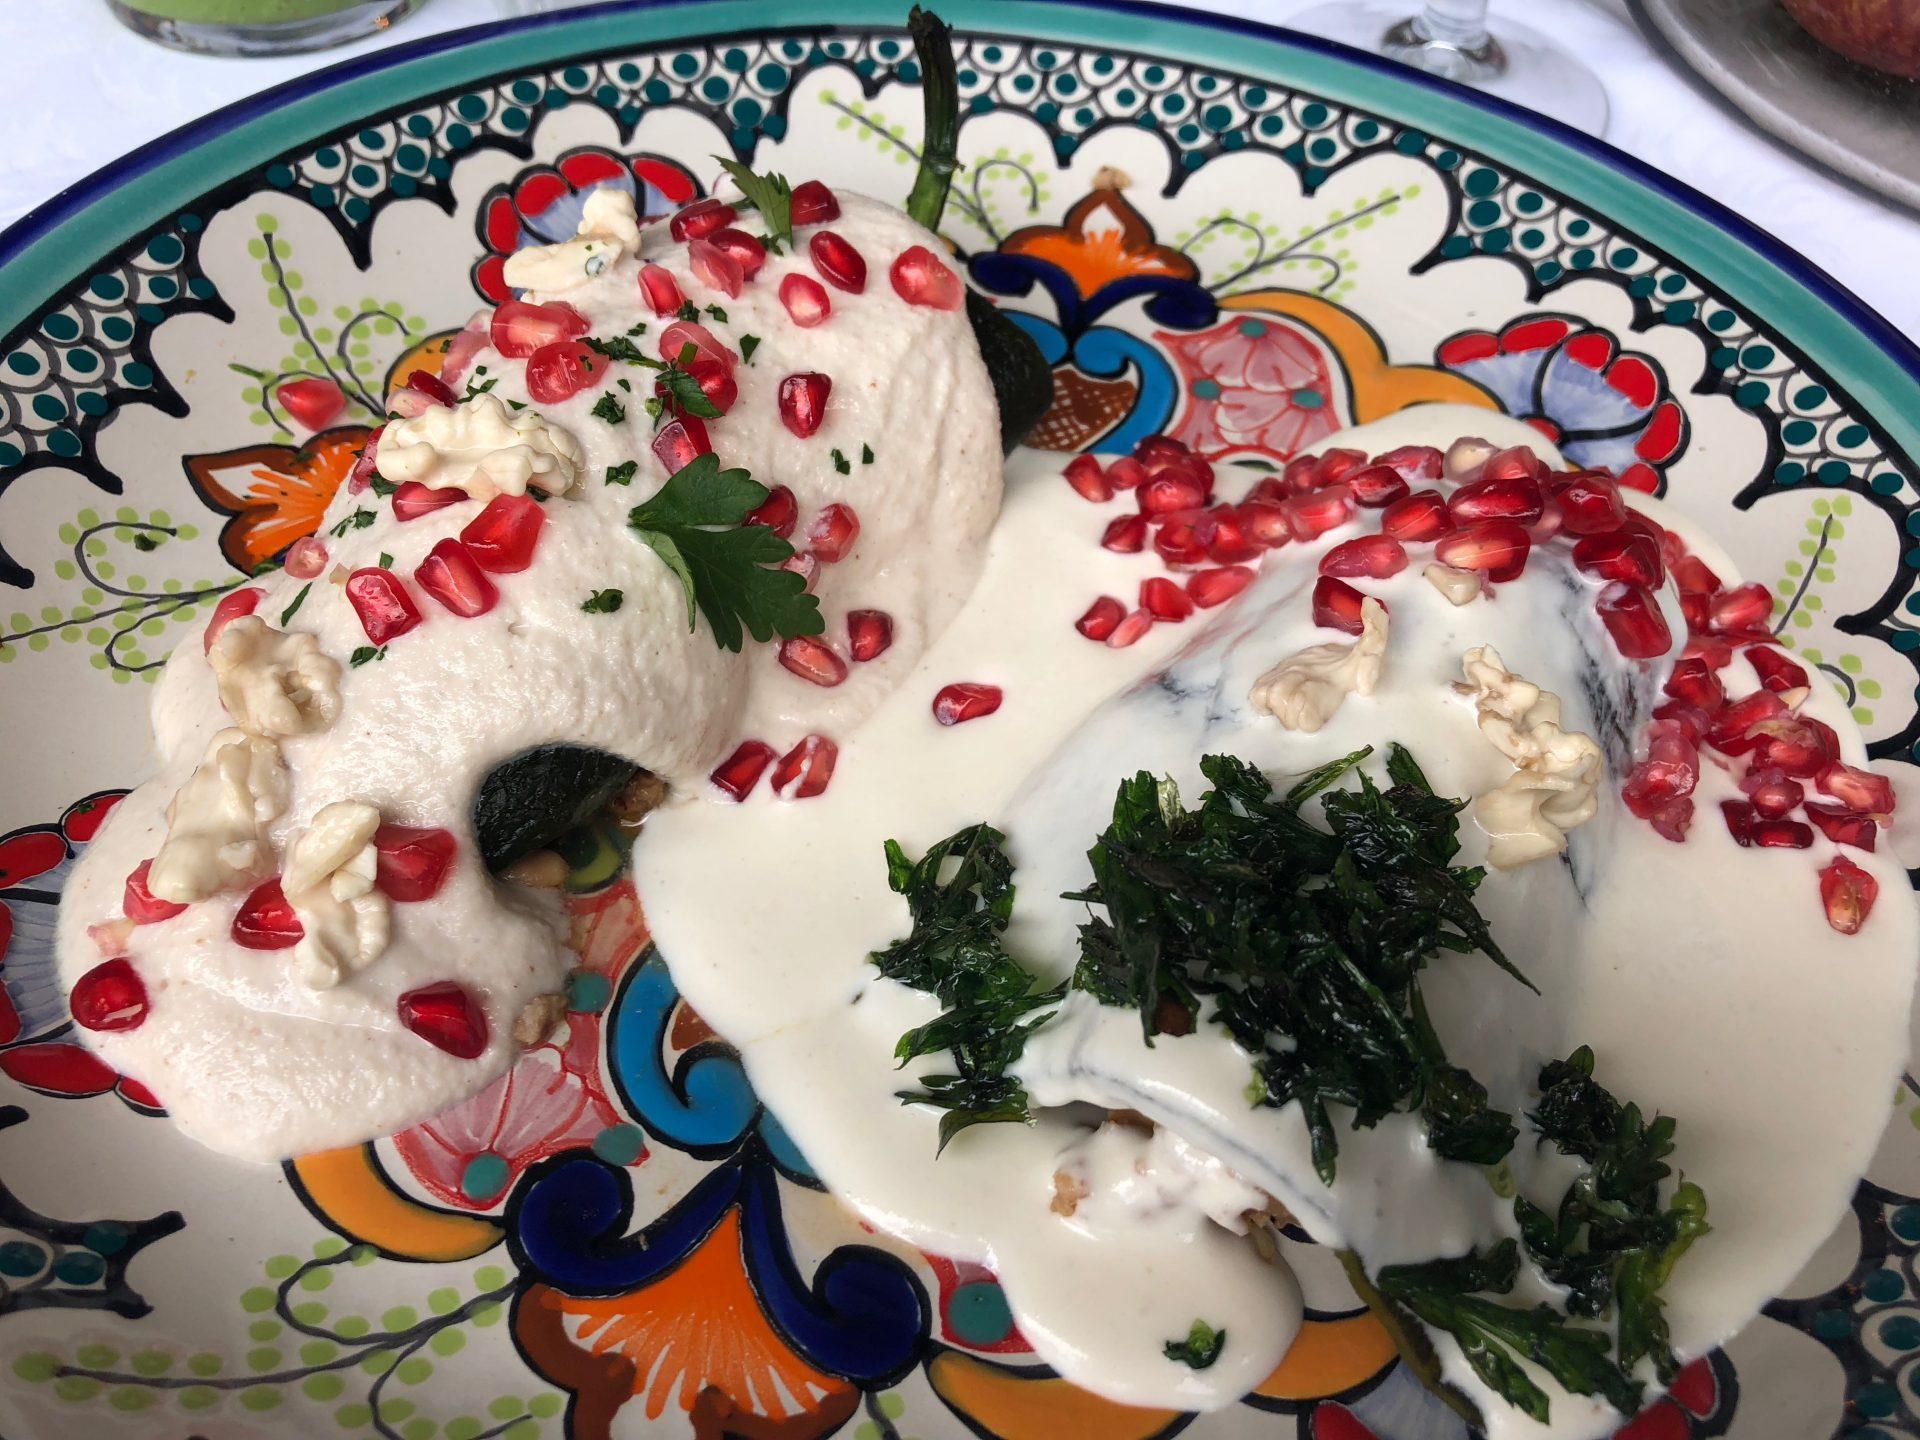 Duelo de chiles en nogada en restaurante El Tajín